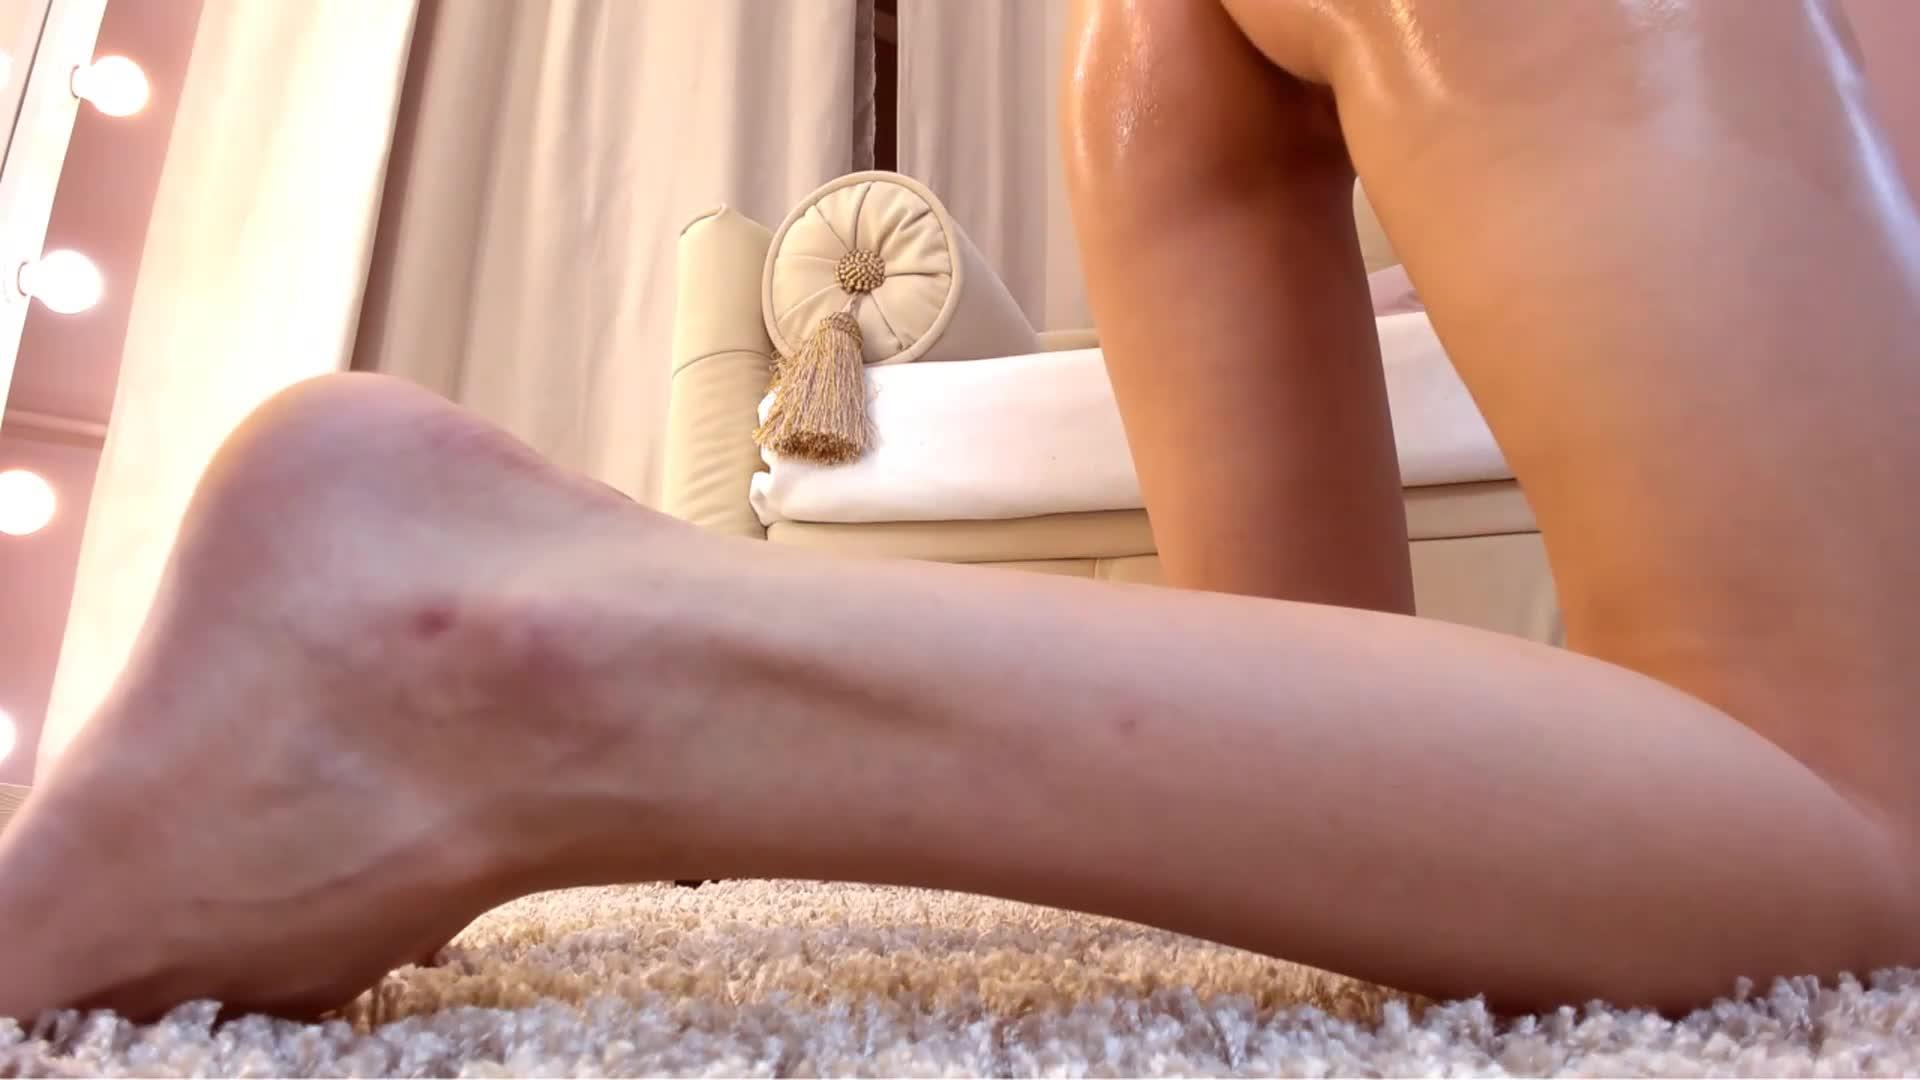 性感翘臀苗条长腿妹子屁股抹油跳蛋震动近距离特写按摩器摩擦逼逼呻吟娇喘1080P高清